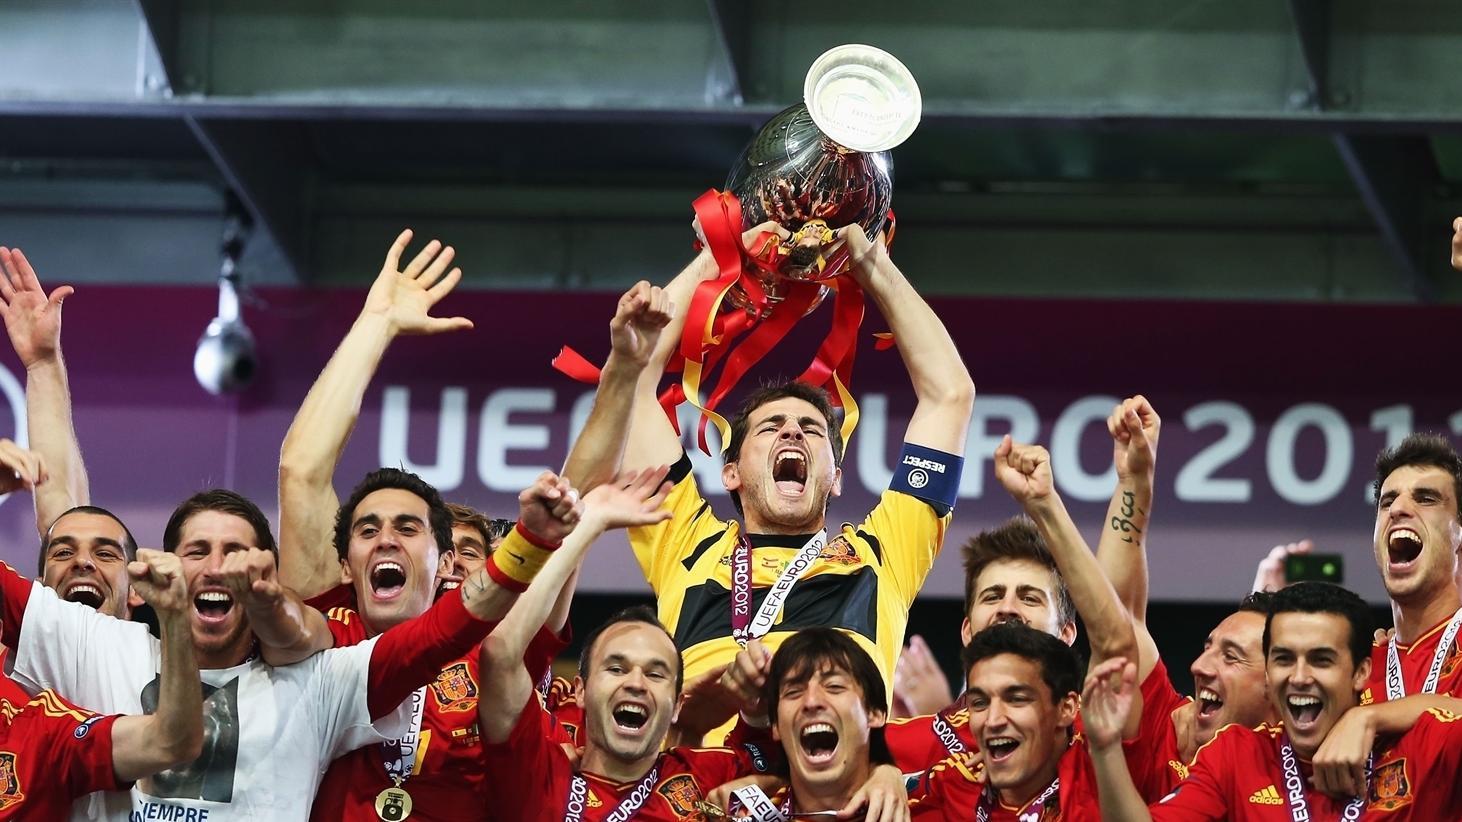 Espanha campeã da Eurocopa de 2012